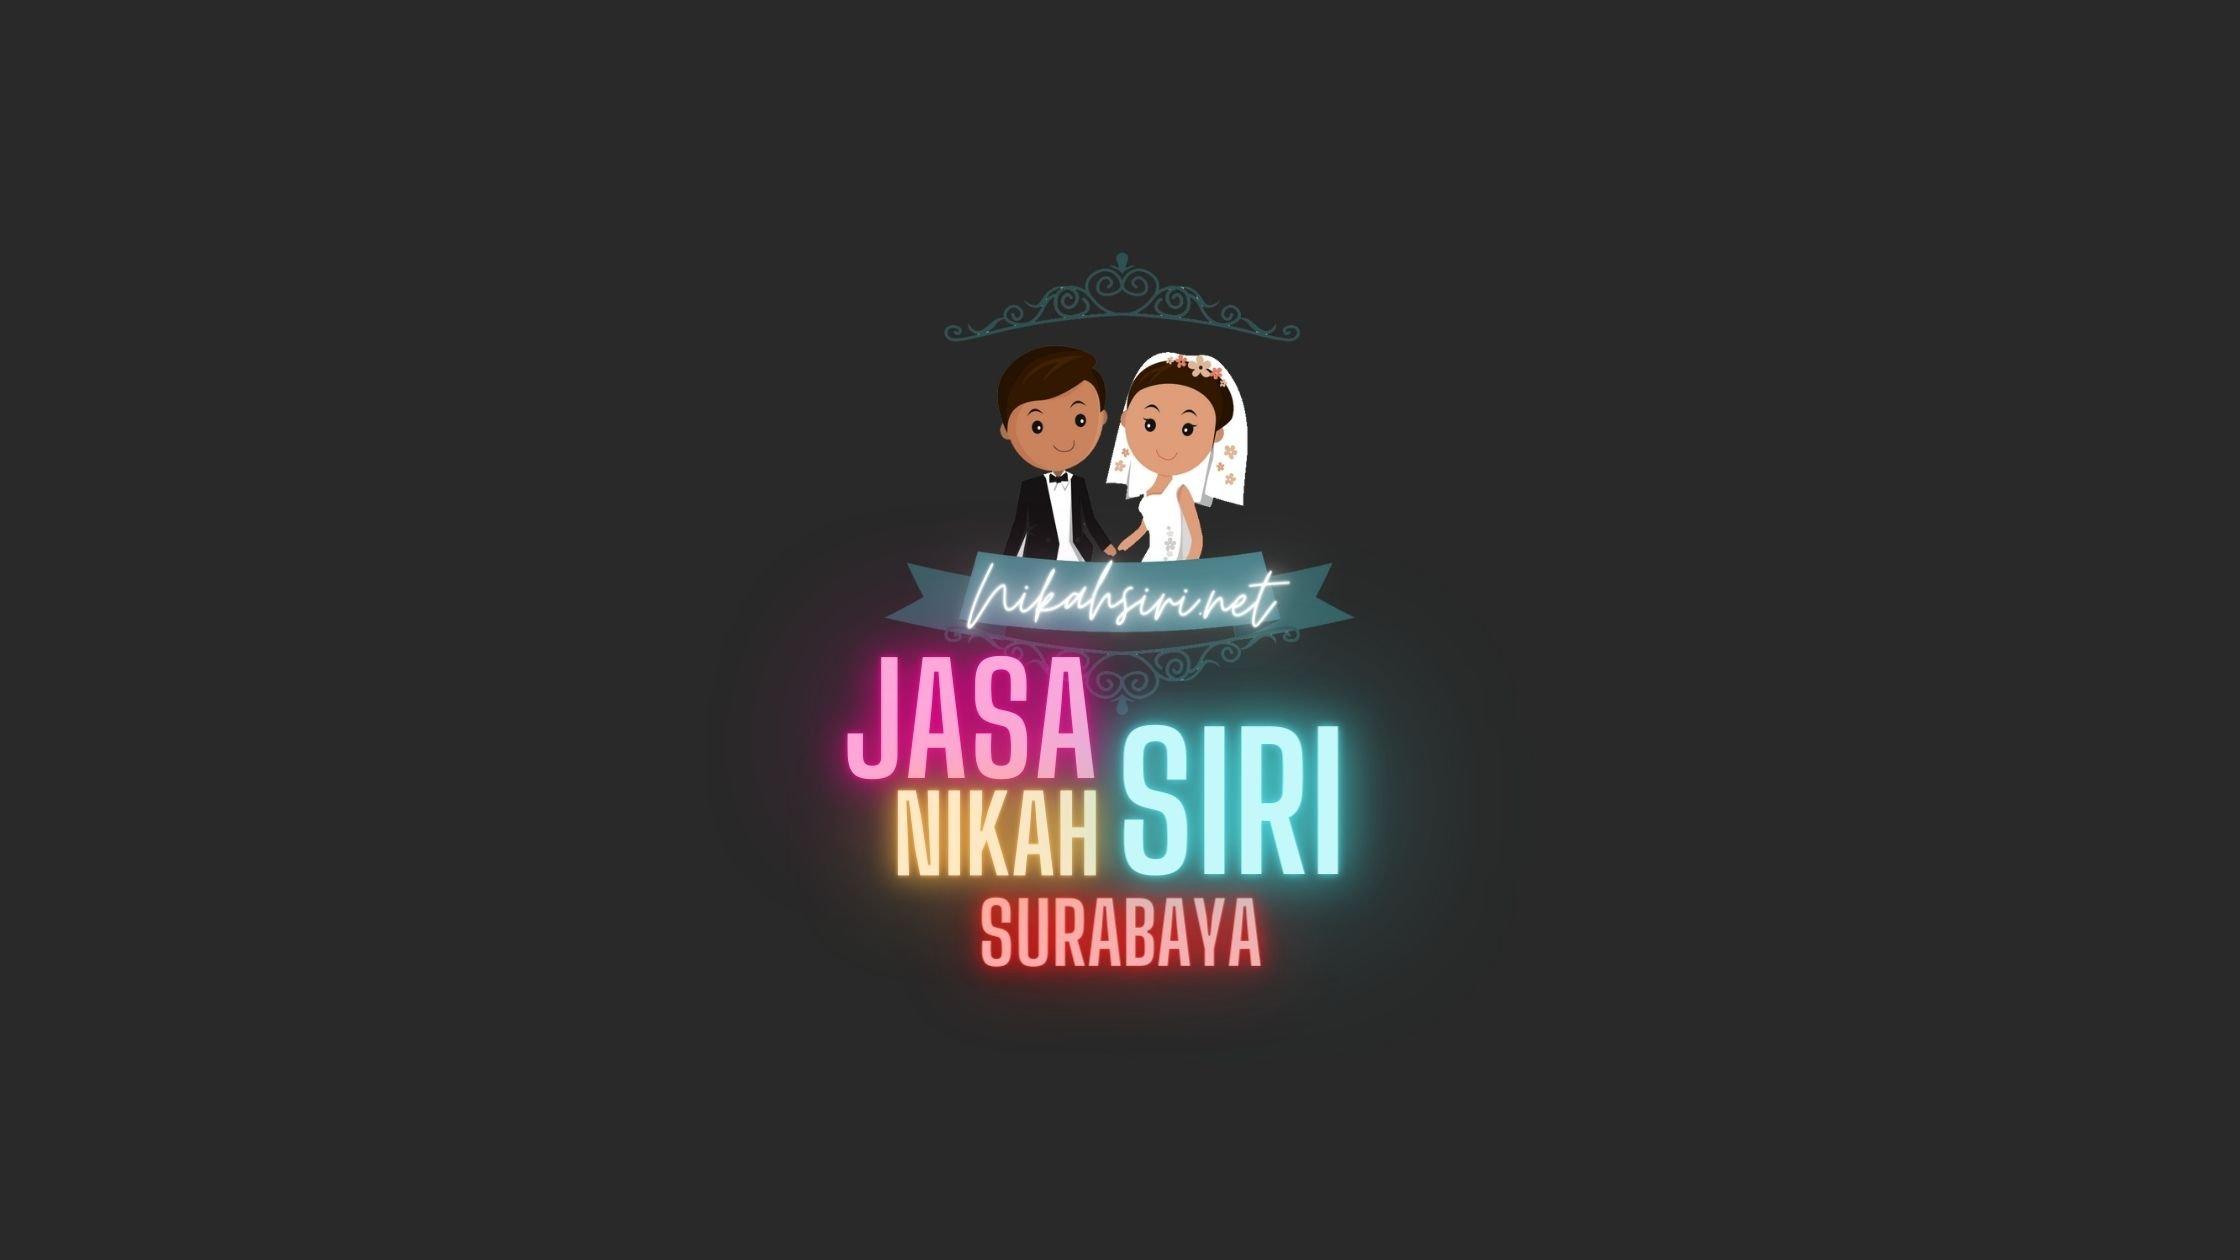 Jasa Nikah Siri Surabaya